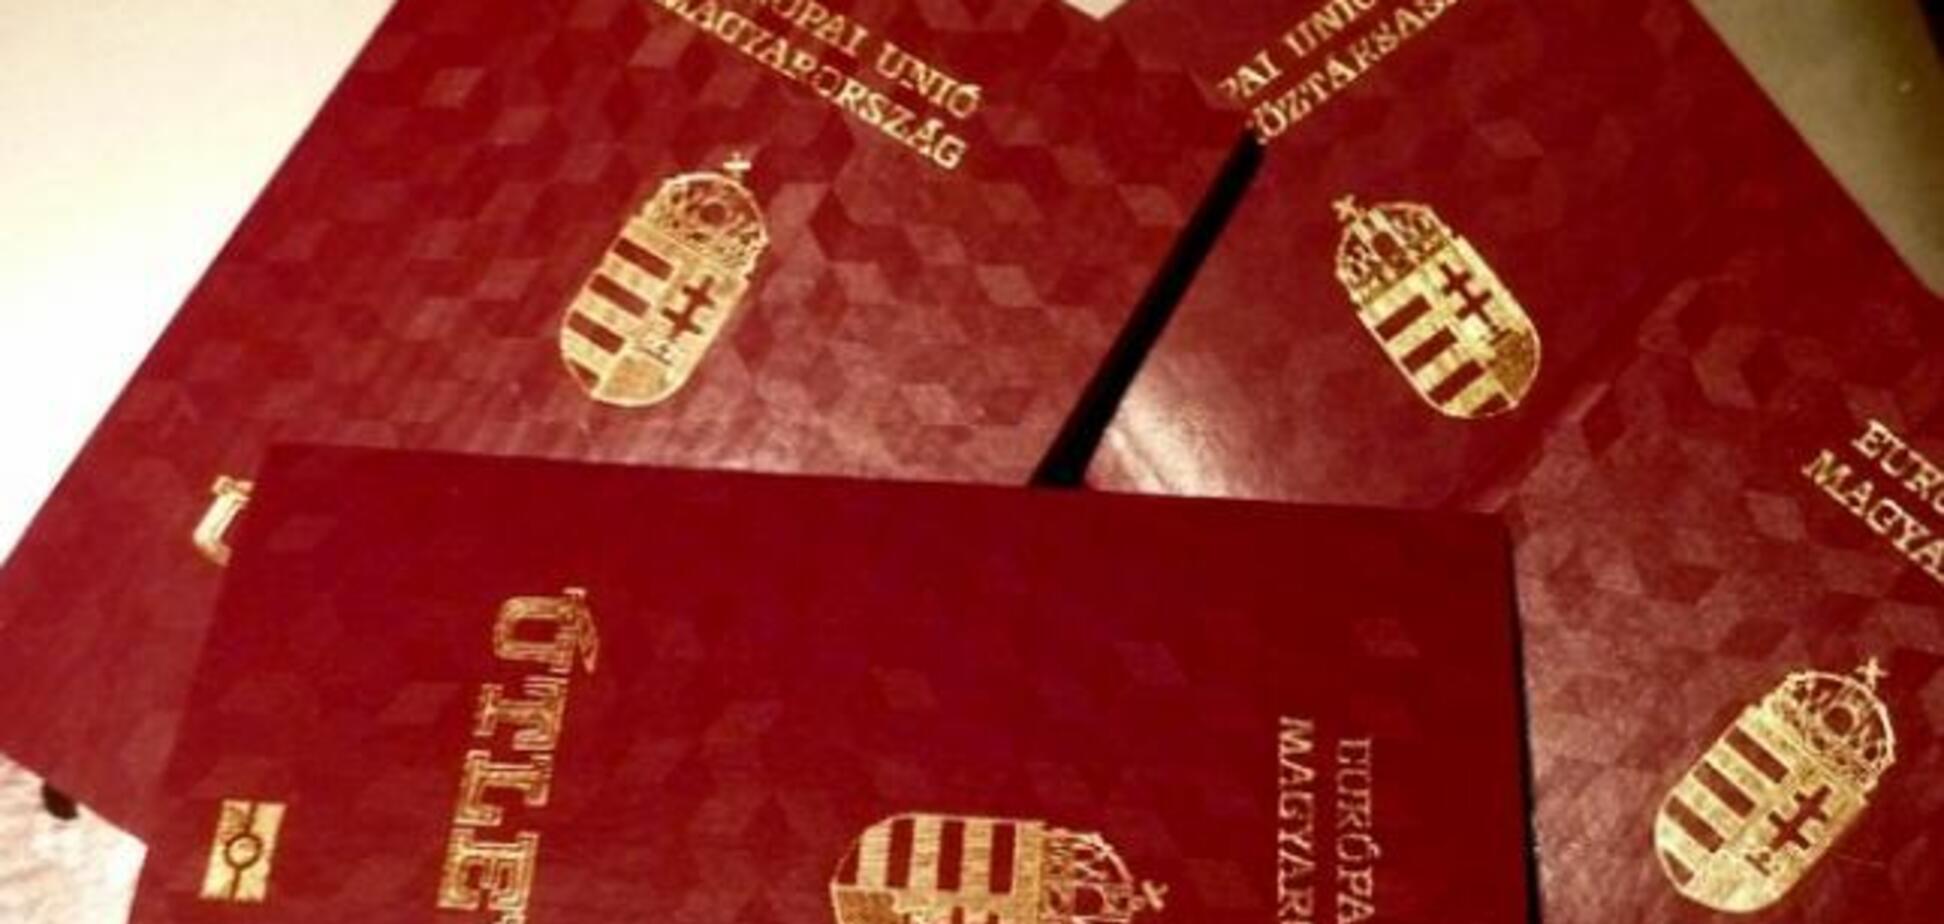 Роздача паспортів на Закарпатті: Угорщина зважилася на нову підлість